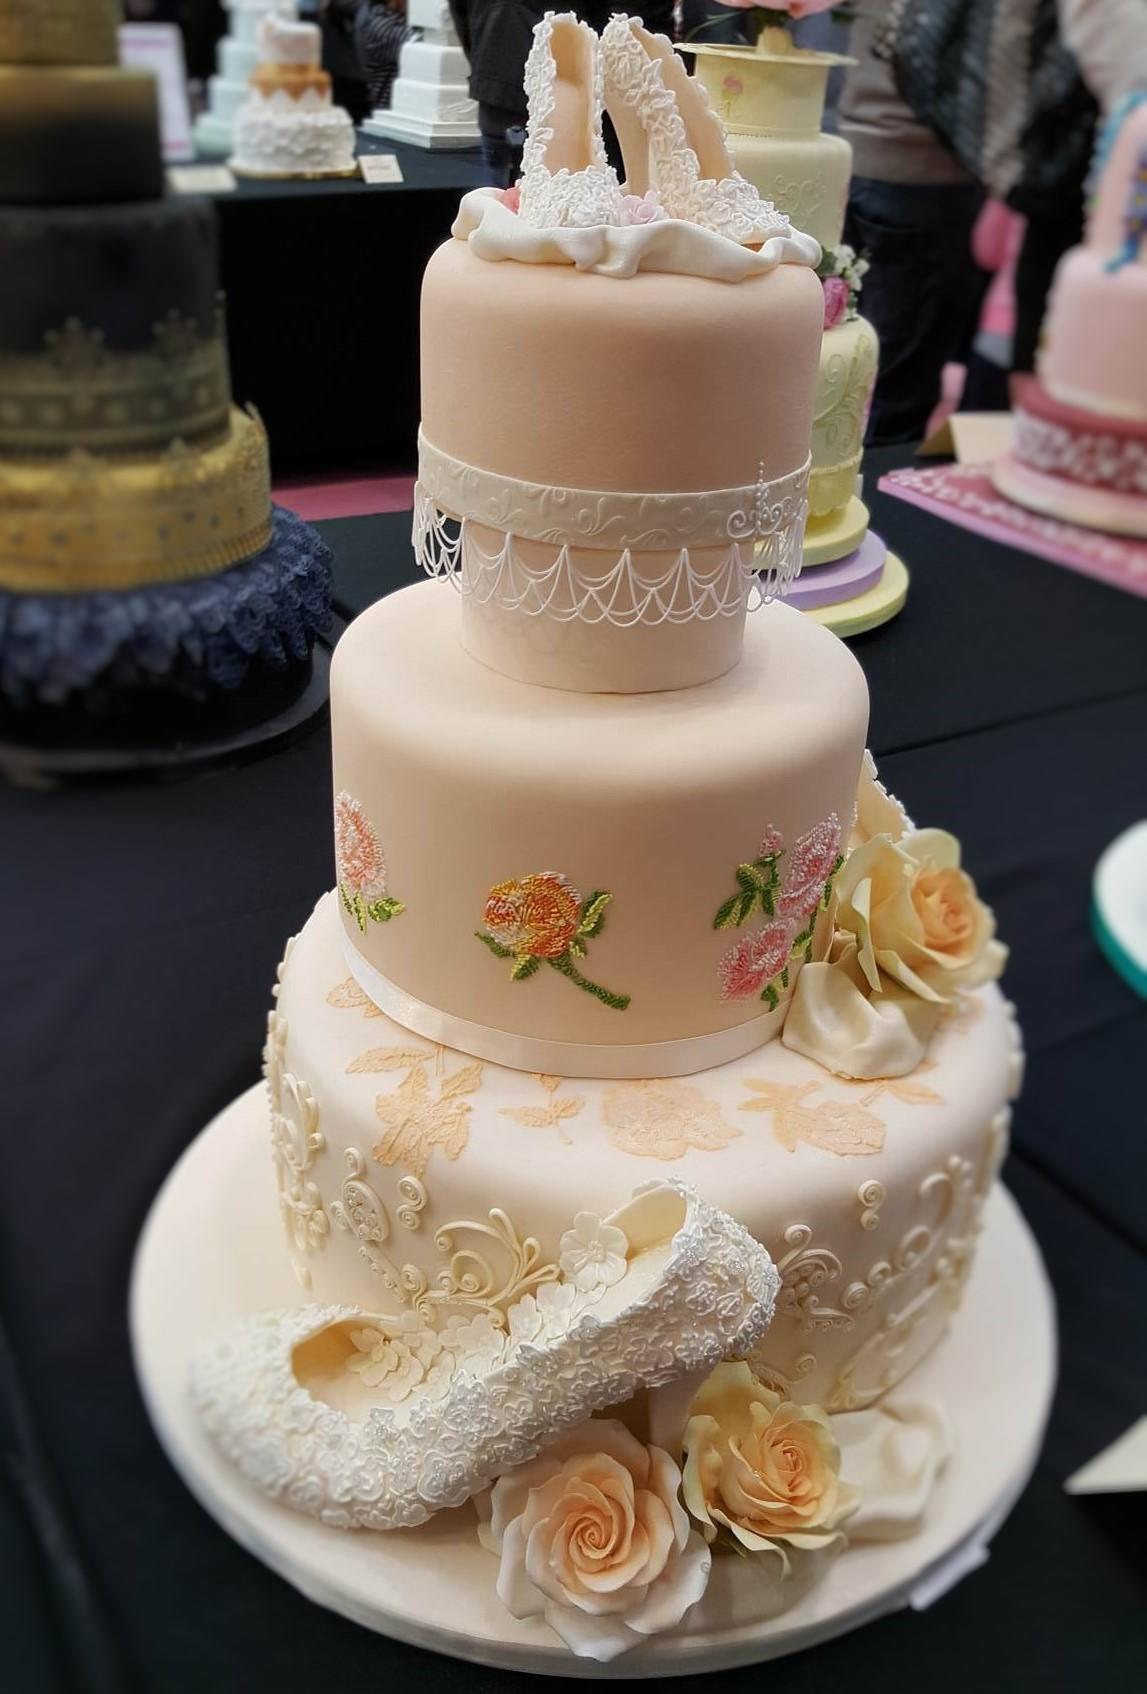 Wedding Cake Inspiration - Wedding Shoes